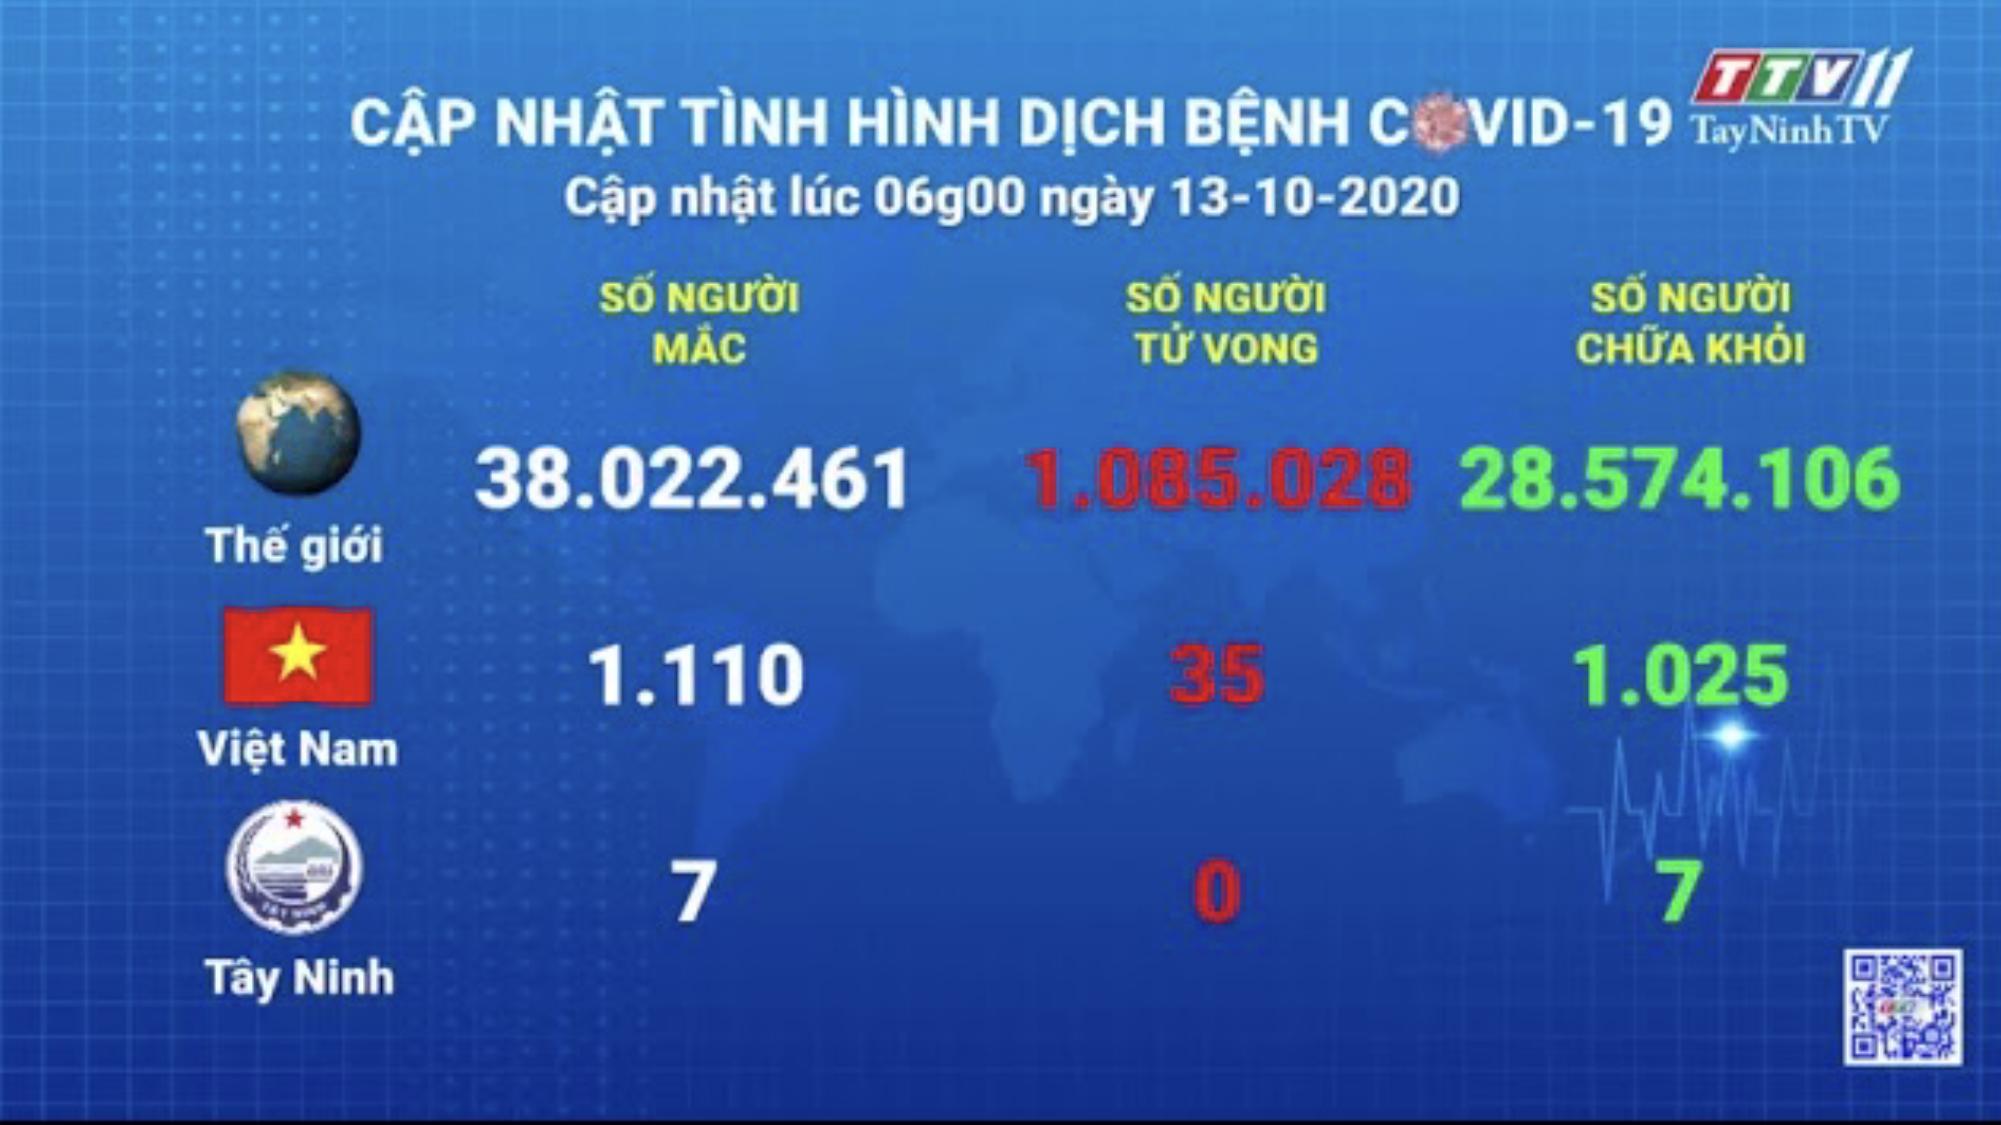 Cập nhật tình hình Covid-19 vào lúc 6 giờ 13-10-2020 | Thông tin dịch Covid-19 | TayNinhTV